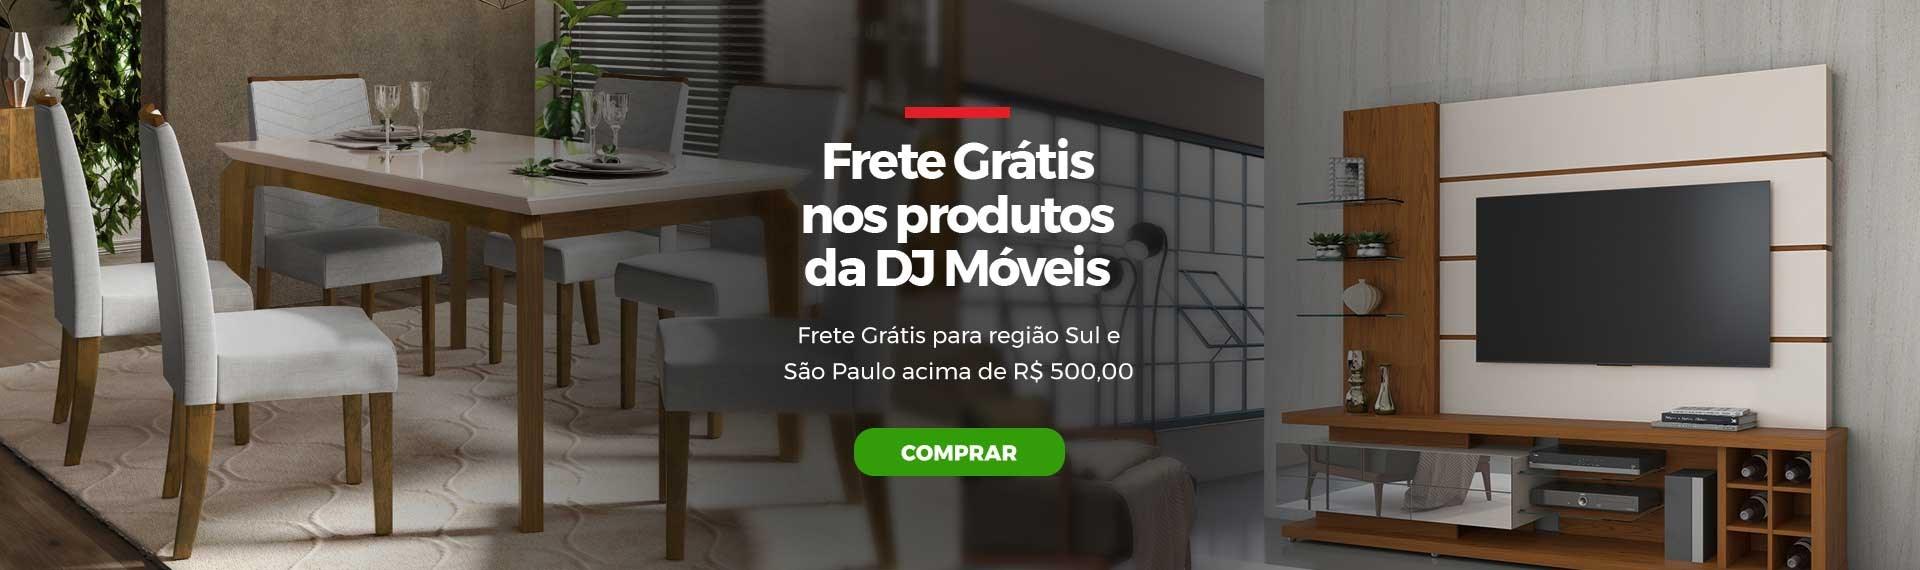 Frete Grátis Sul e SP (DJ Móveis, maior que R$ 500)